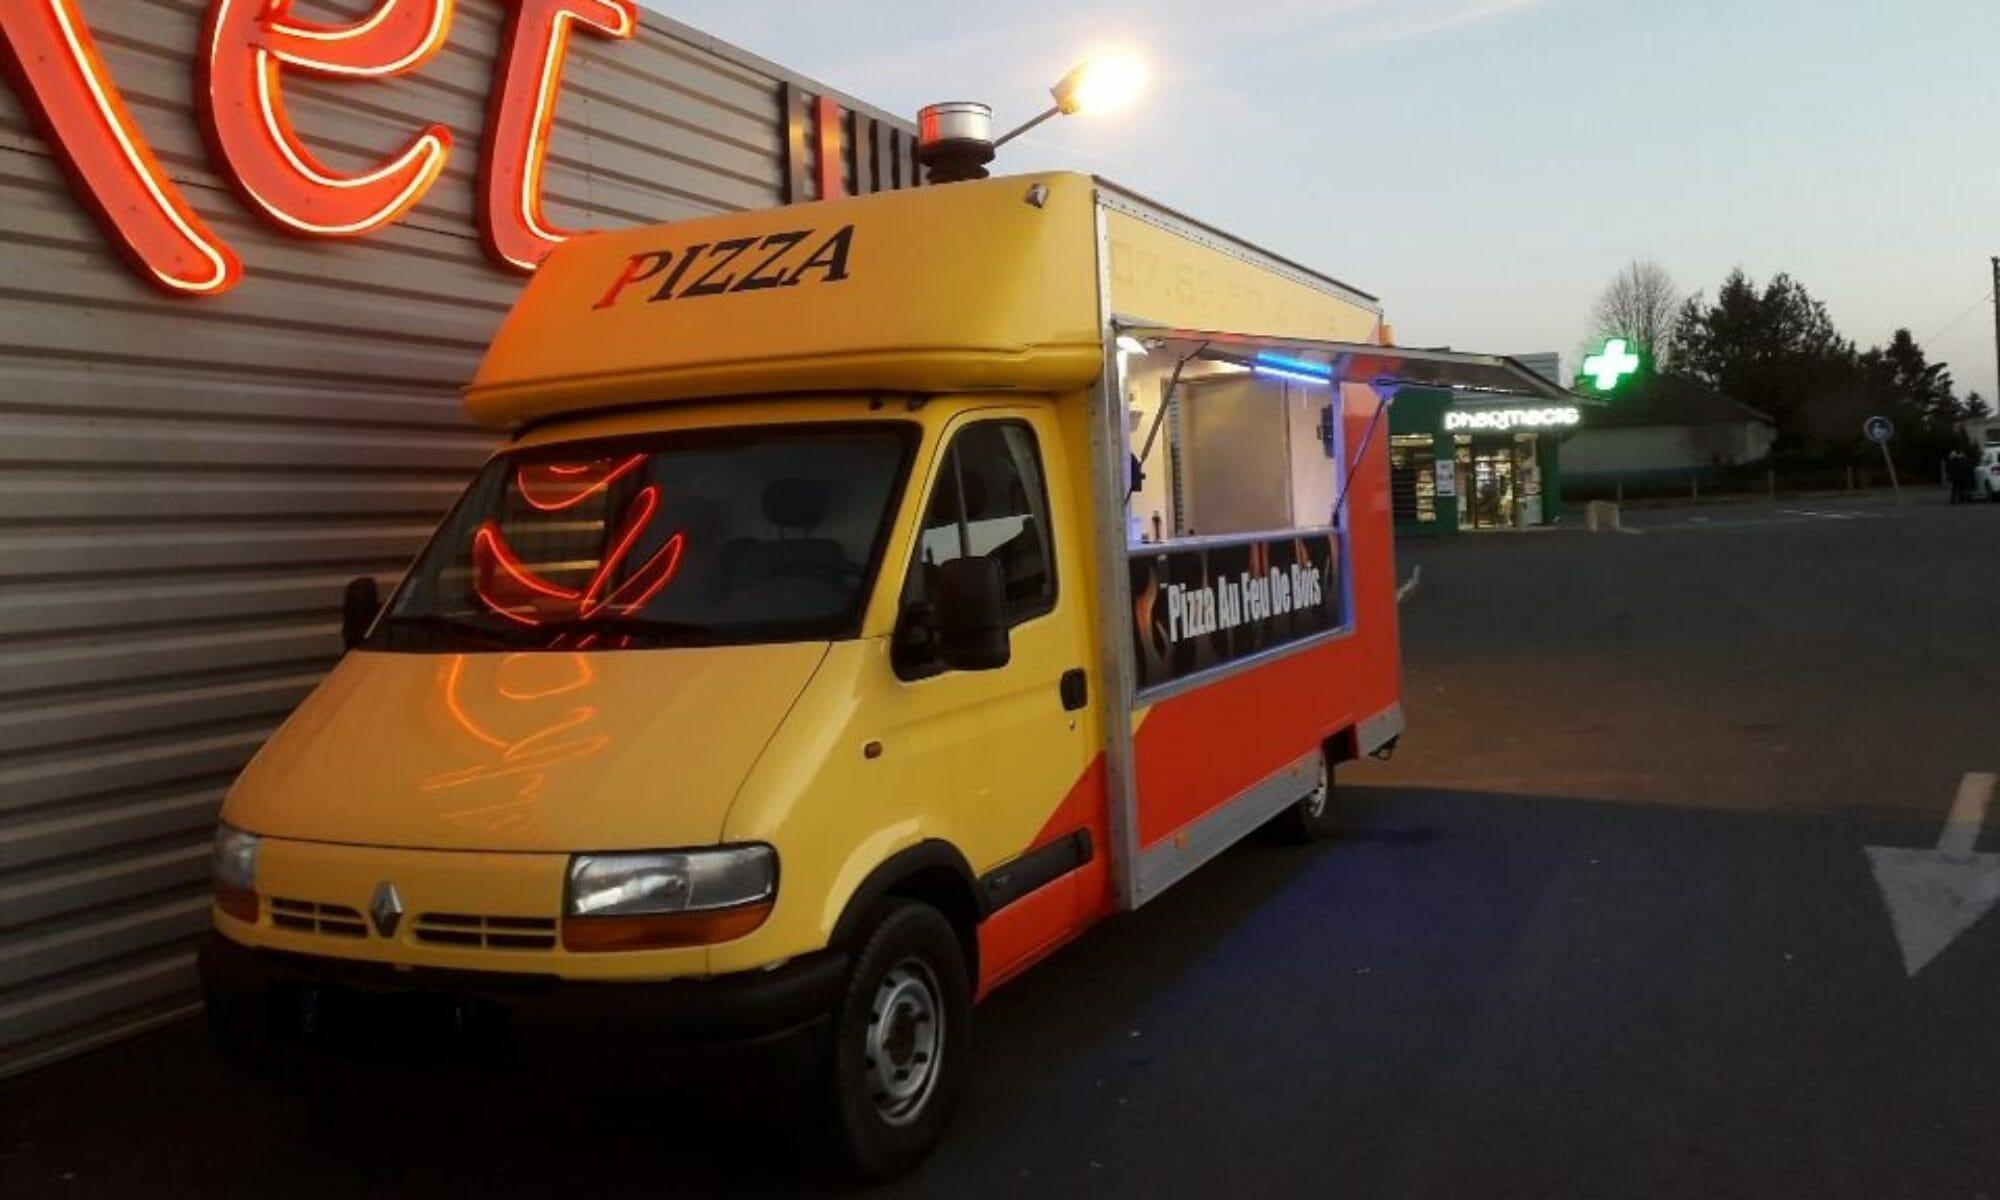 La Bella Vita Pizza à emporter